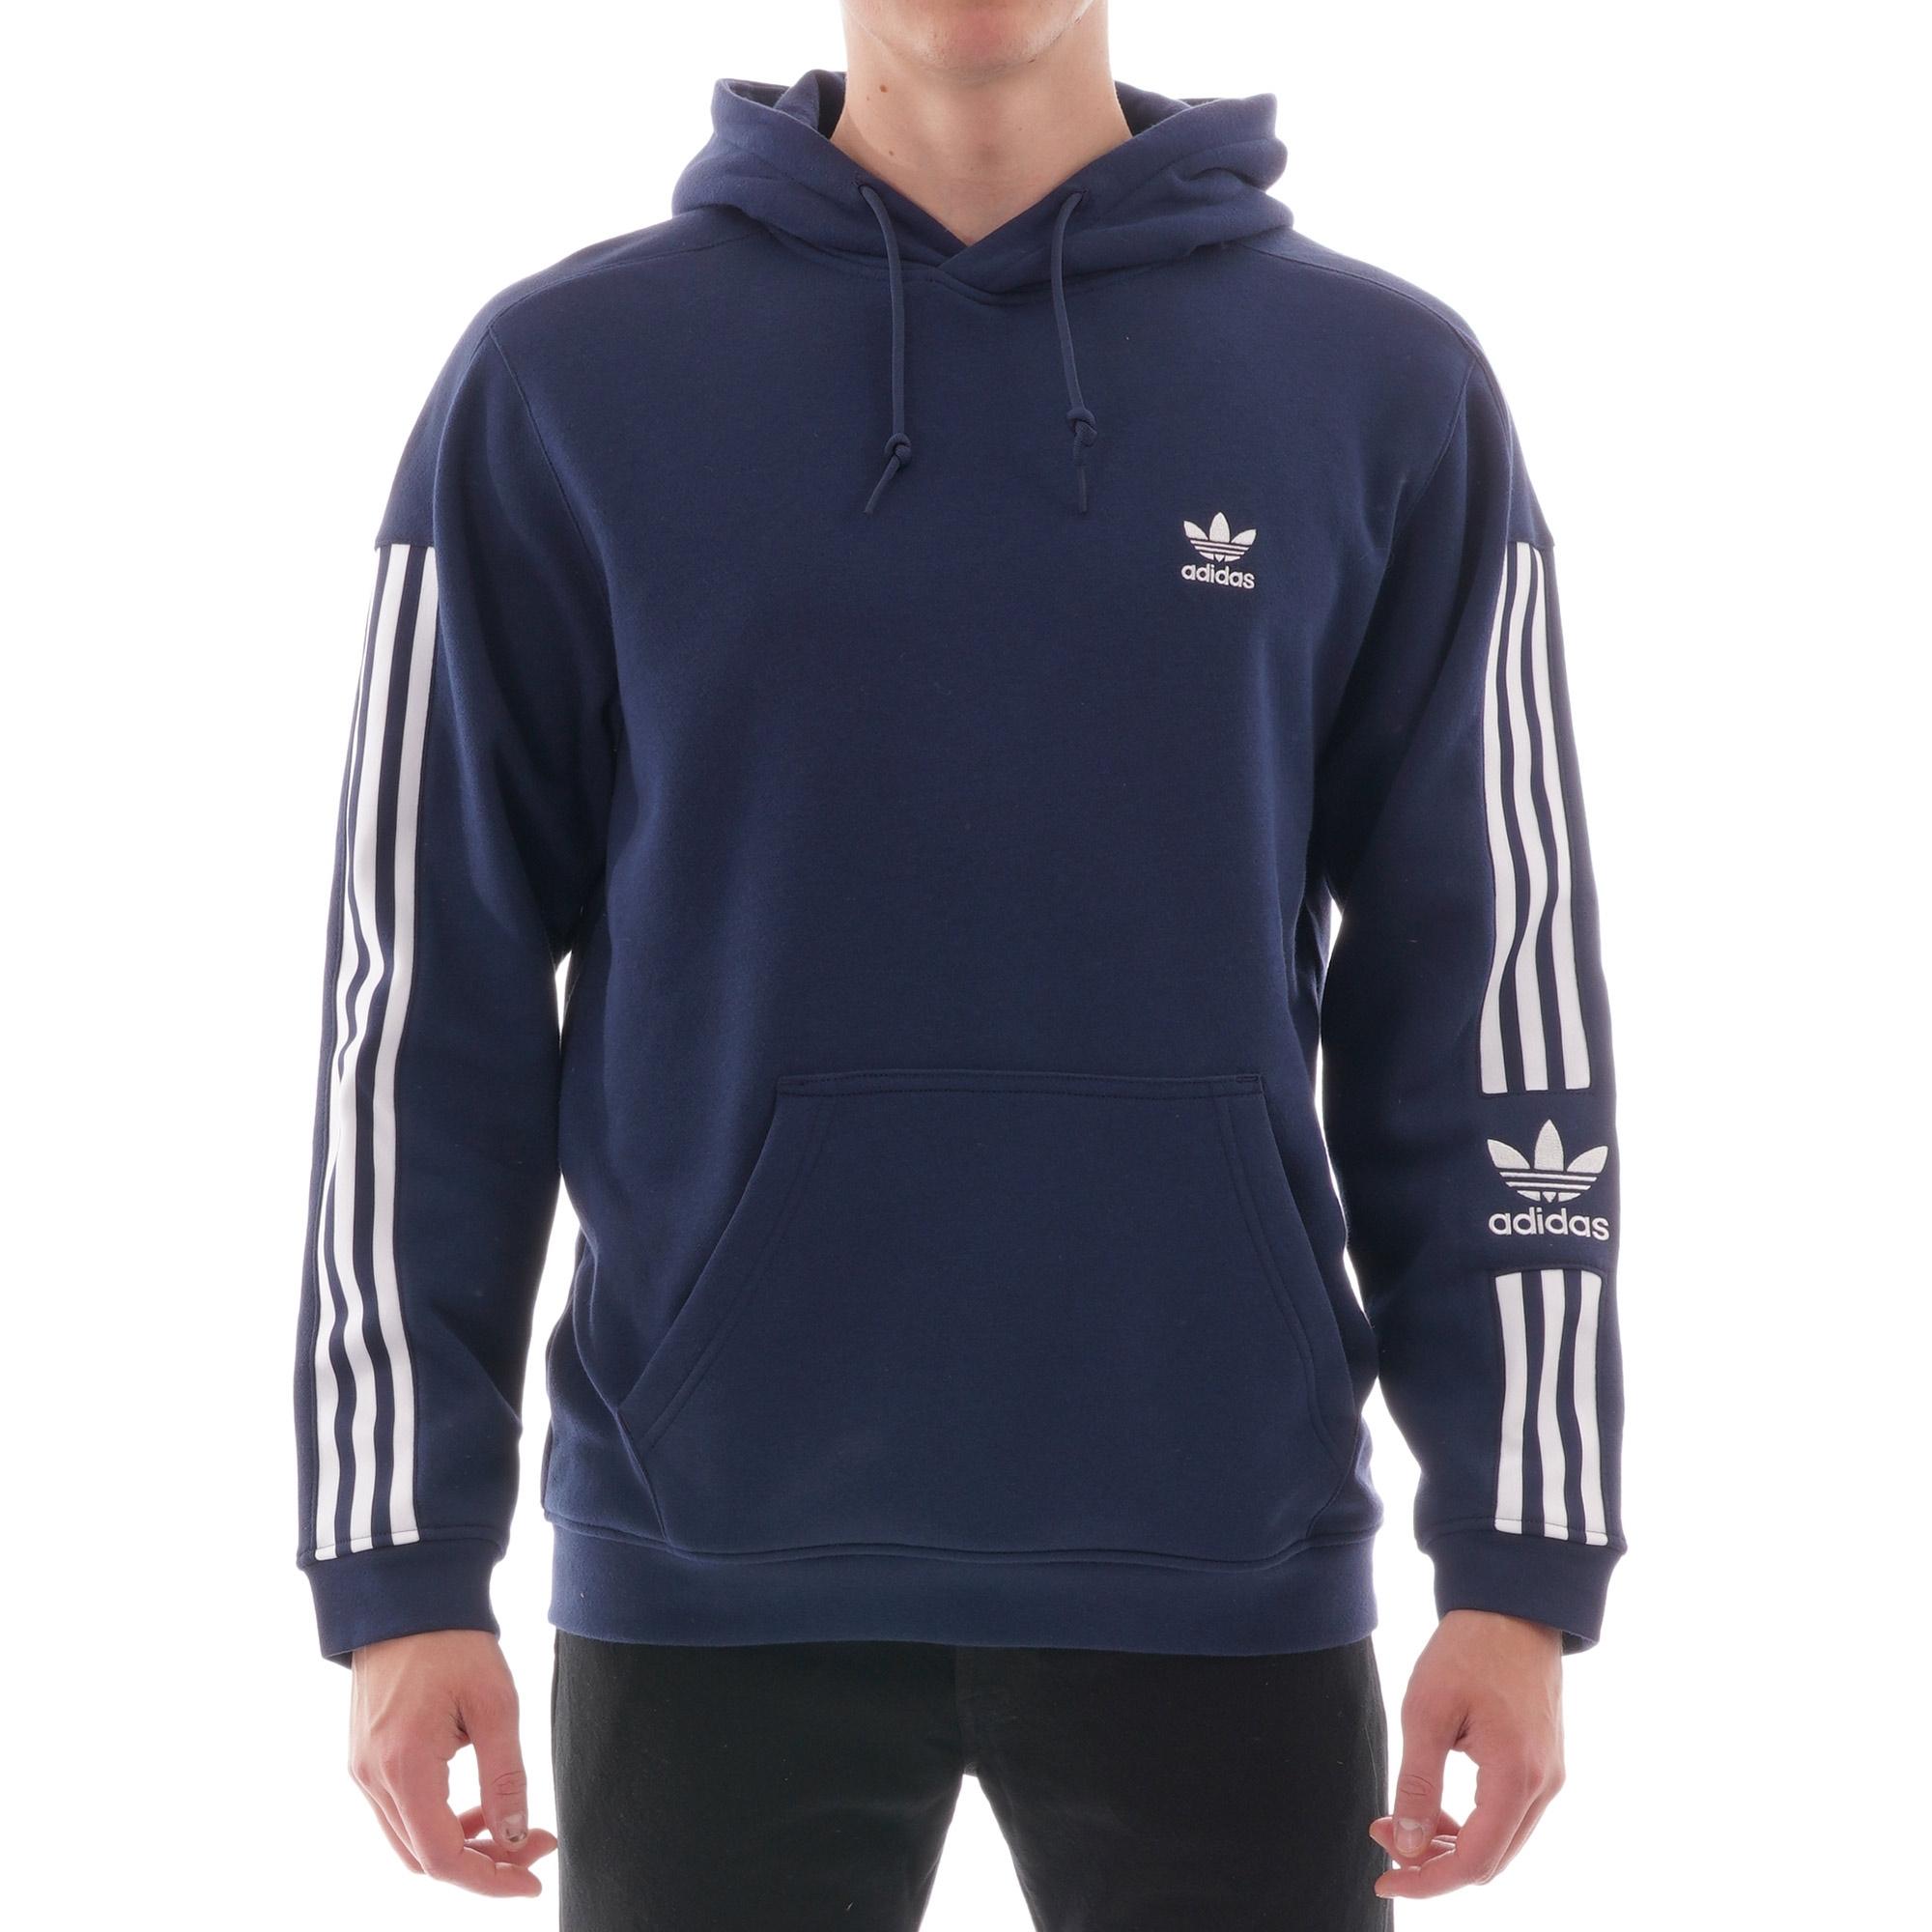 adidas Originals Adidas Tech Hoodie Blue